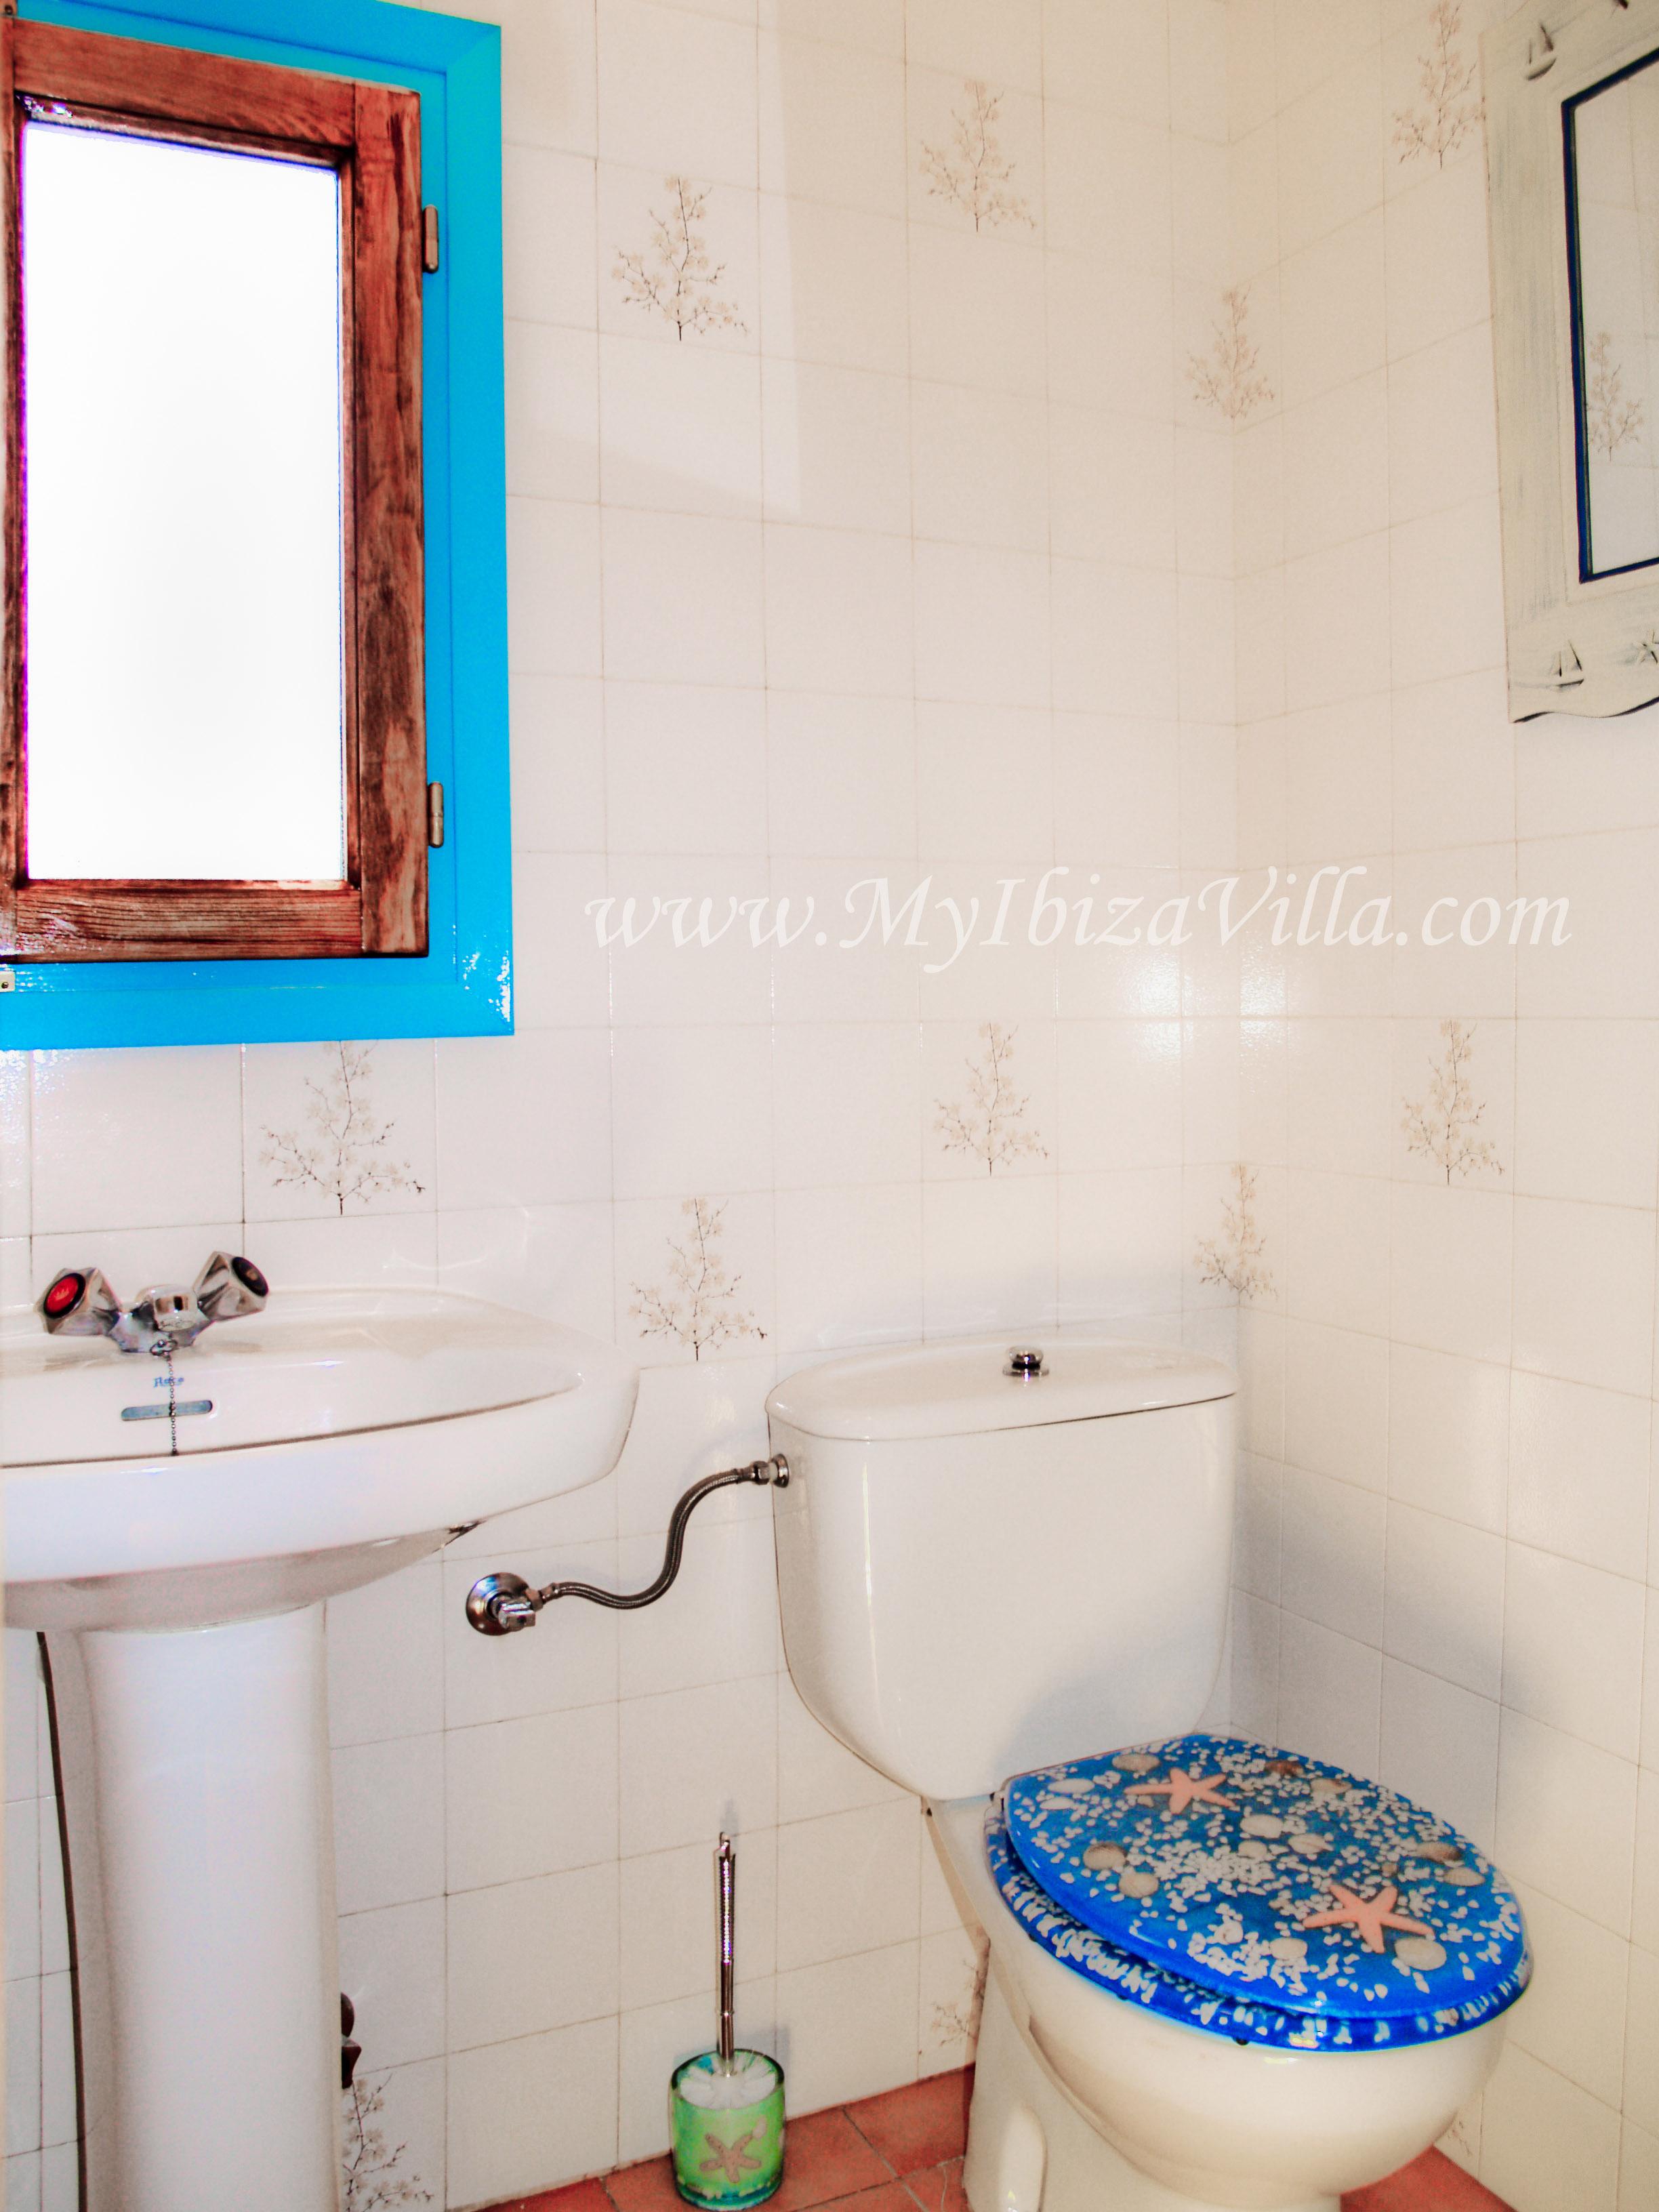 deze villa ibiza te huur heeft 3 badkamers ibiza villa te huur bathroom of the ibiza villa. Black Bedroom Furniture Sets. Home Design Ideas